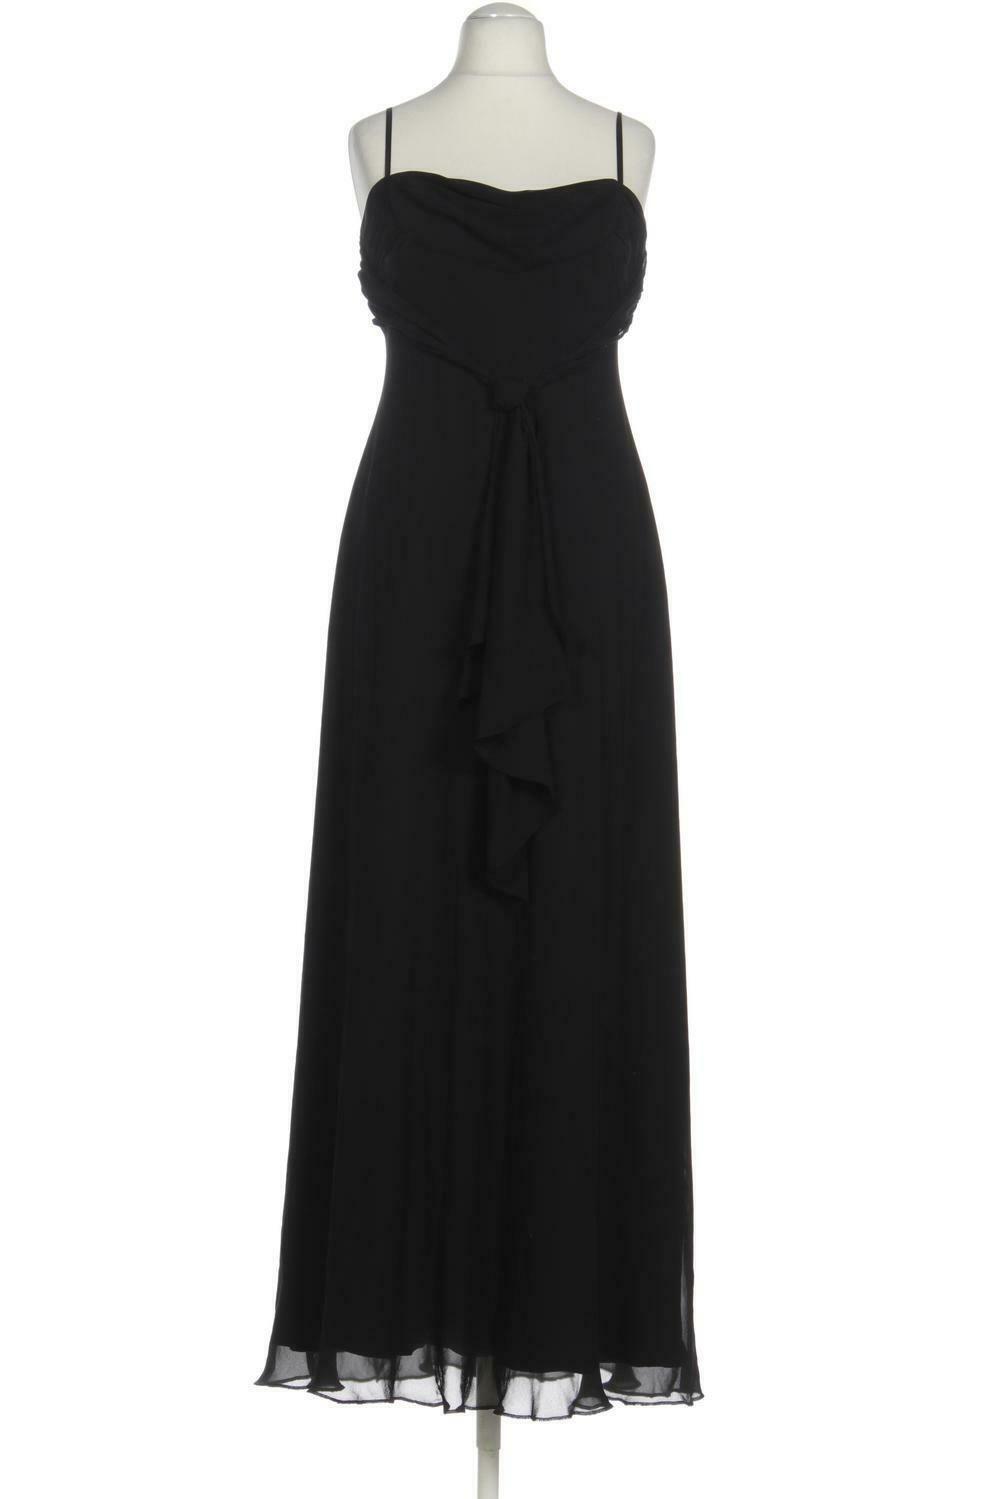 Vera Mont Kleid Damen Dress Damenkleid Gr. DE 38 schwarz ...